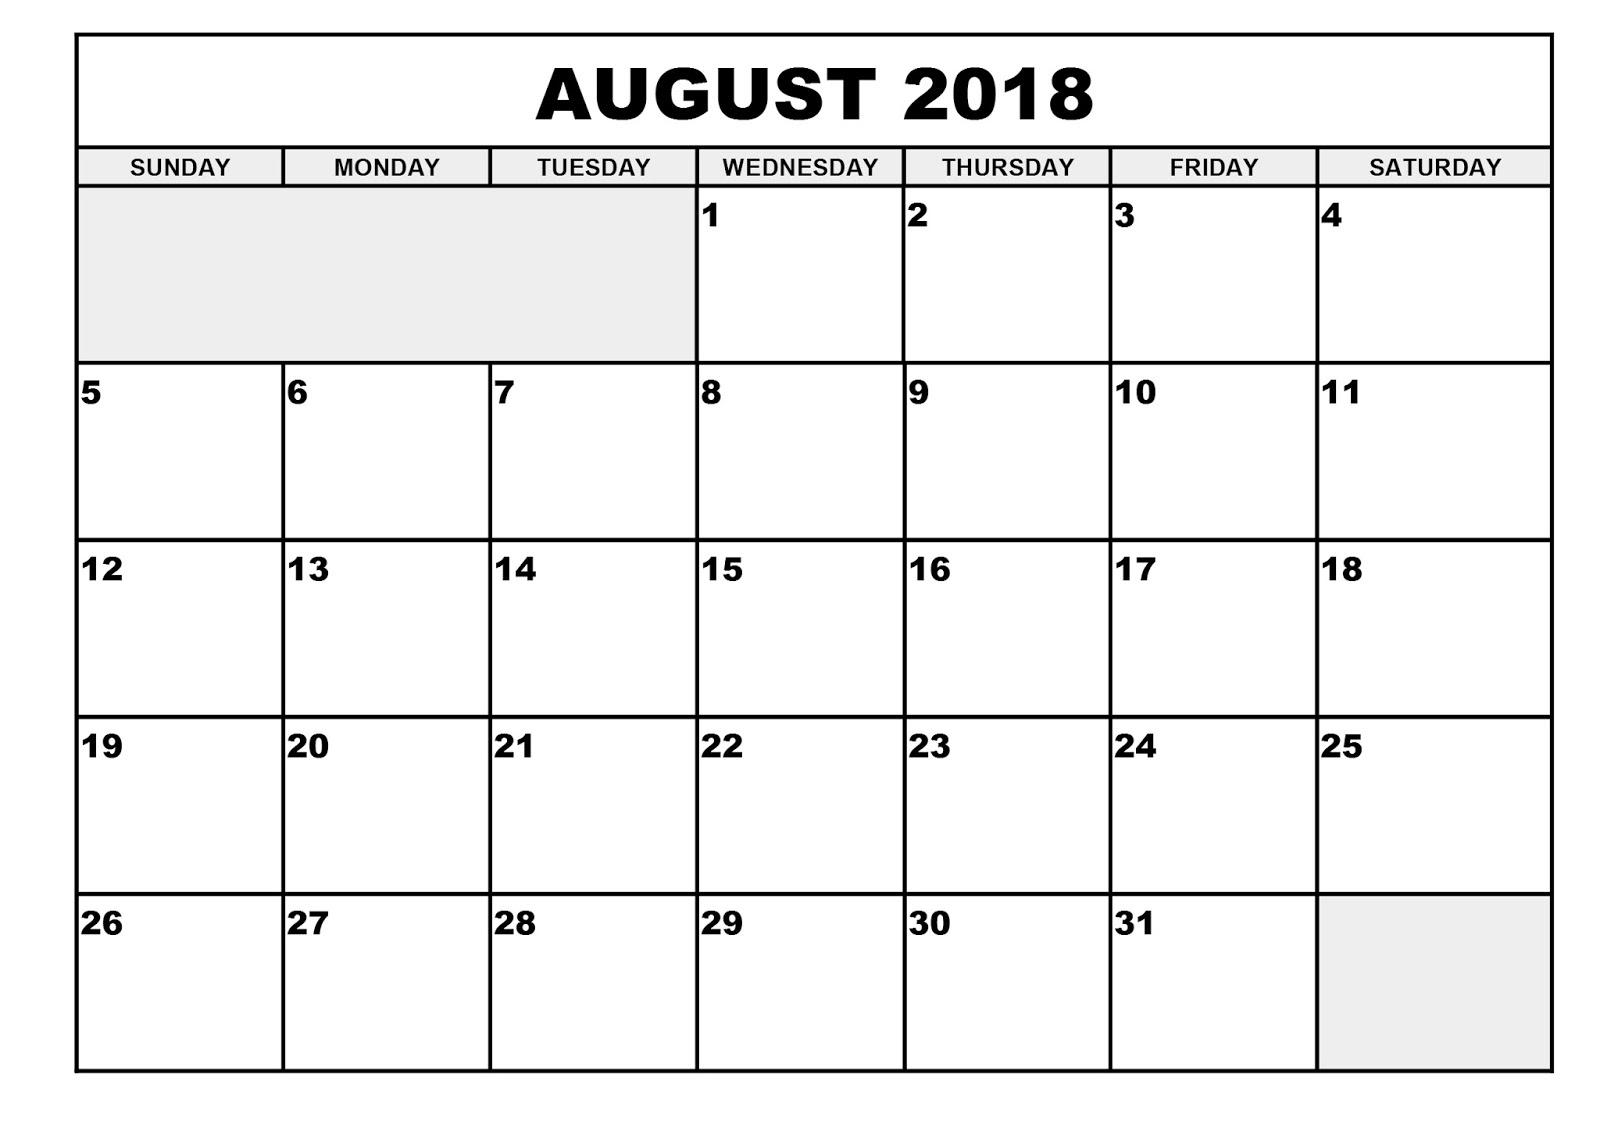 calendar august 2018 printable schedule free printable blank calendar Free Pretty Printable Calendars August 2018 erdferdf